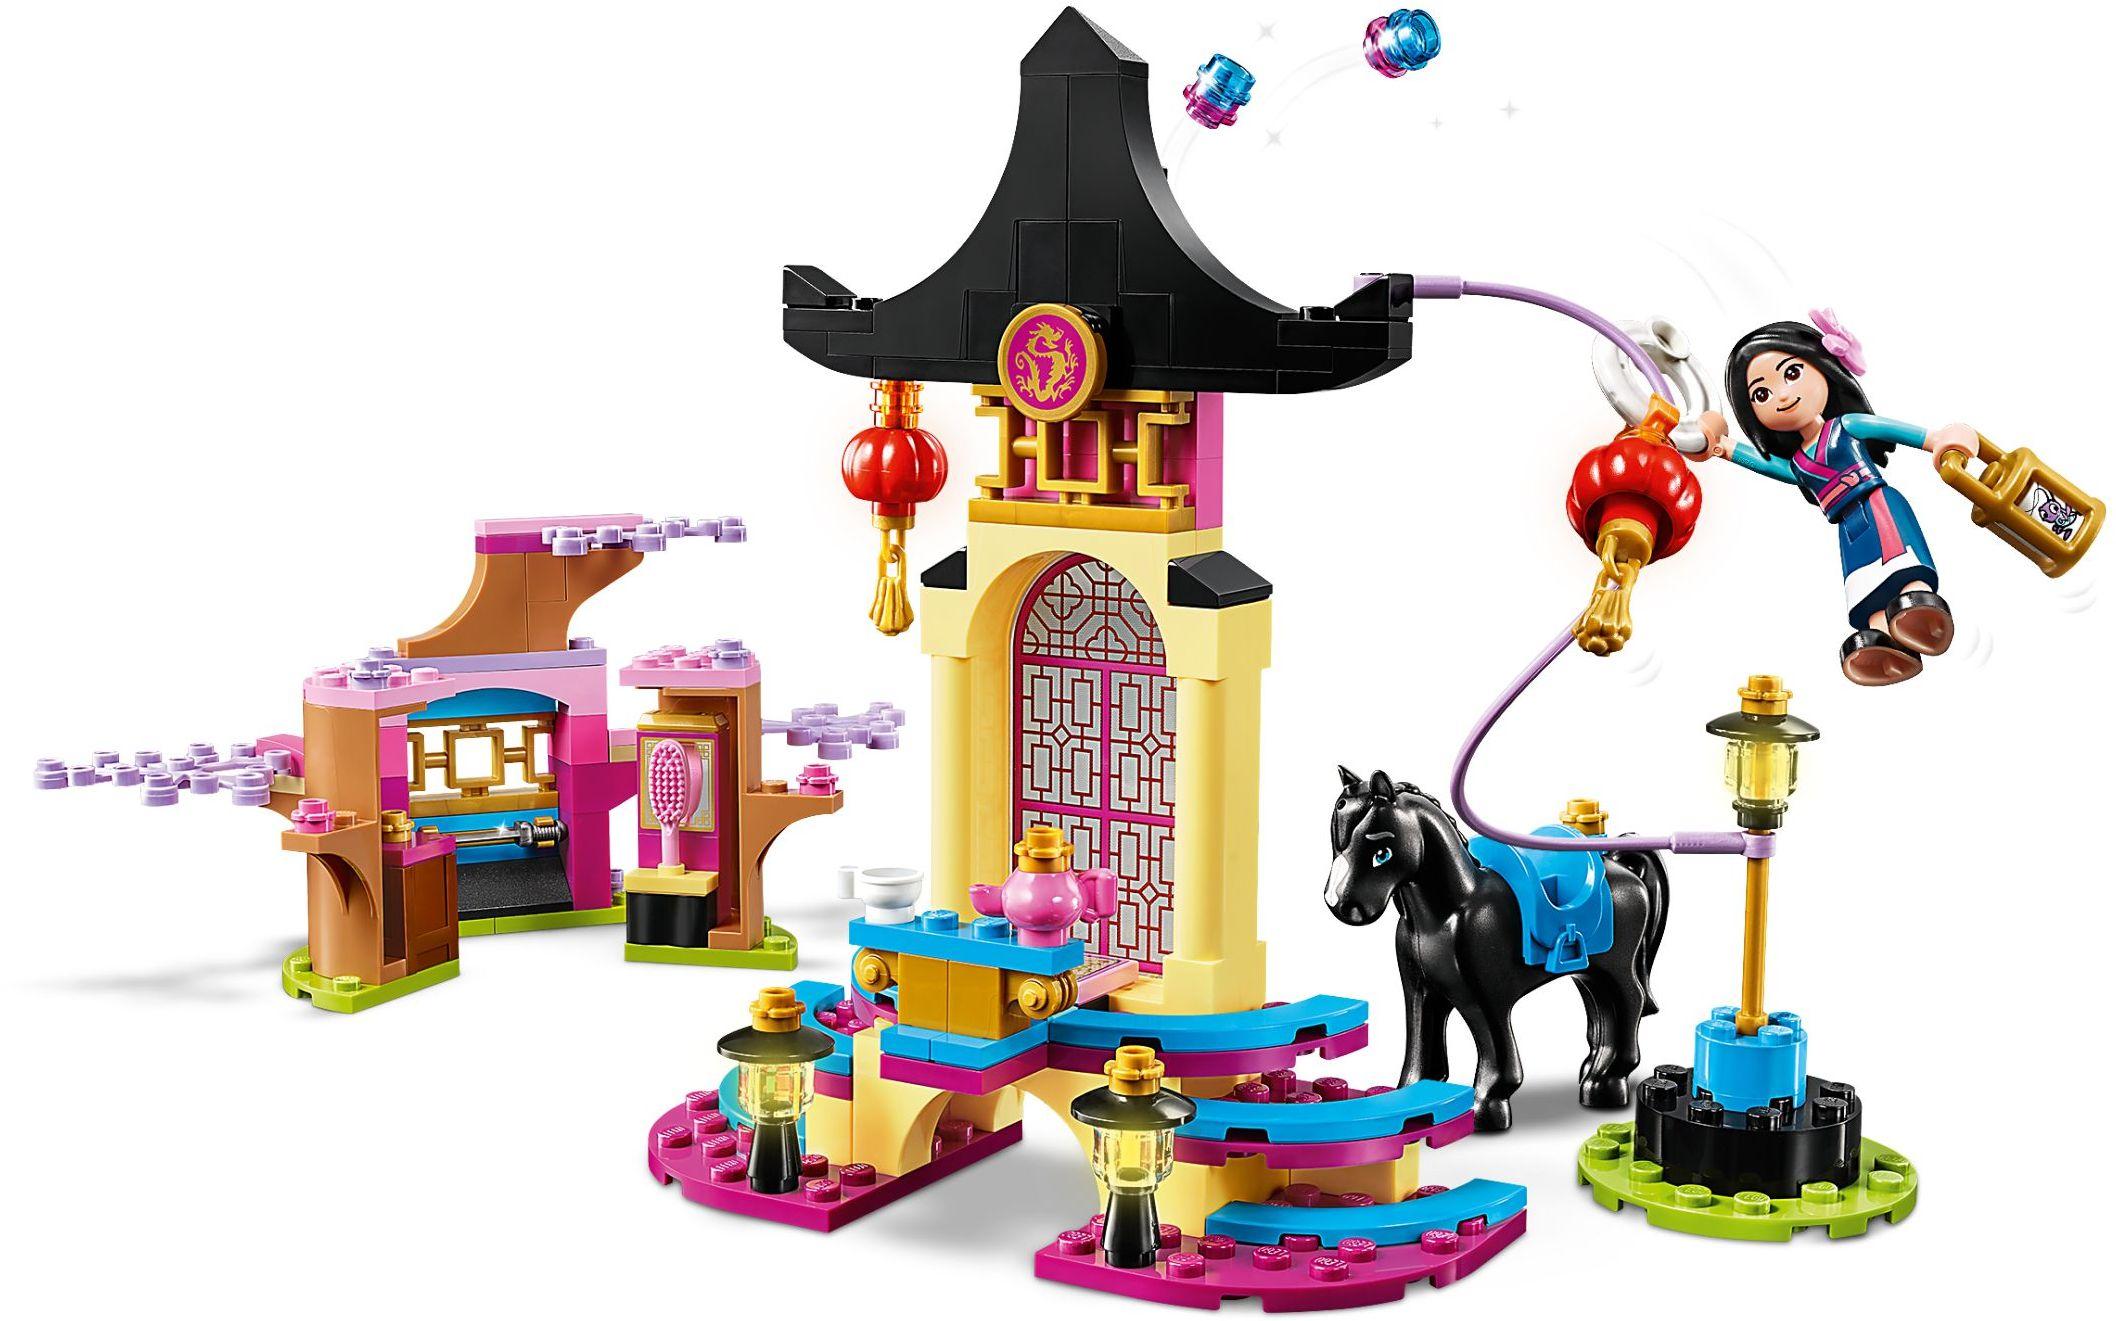 LEGO New Disney Princess Mulan Minifigure with Katana